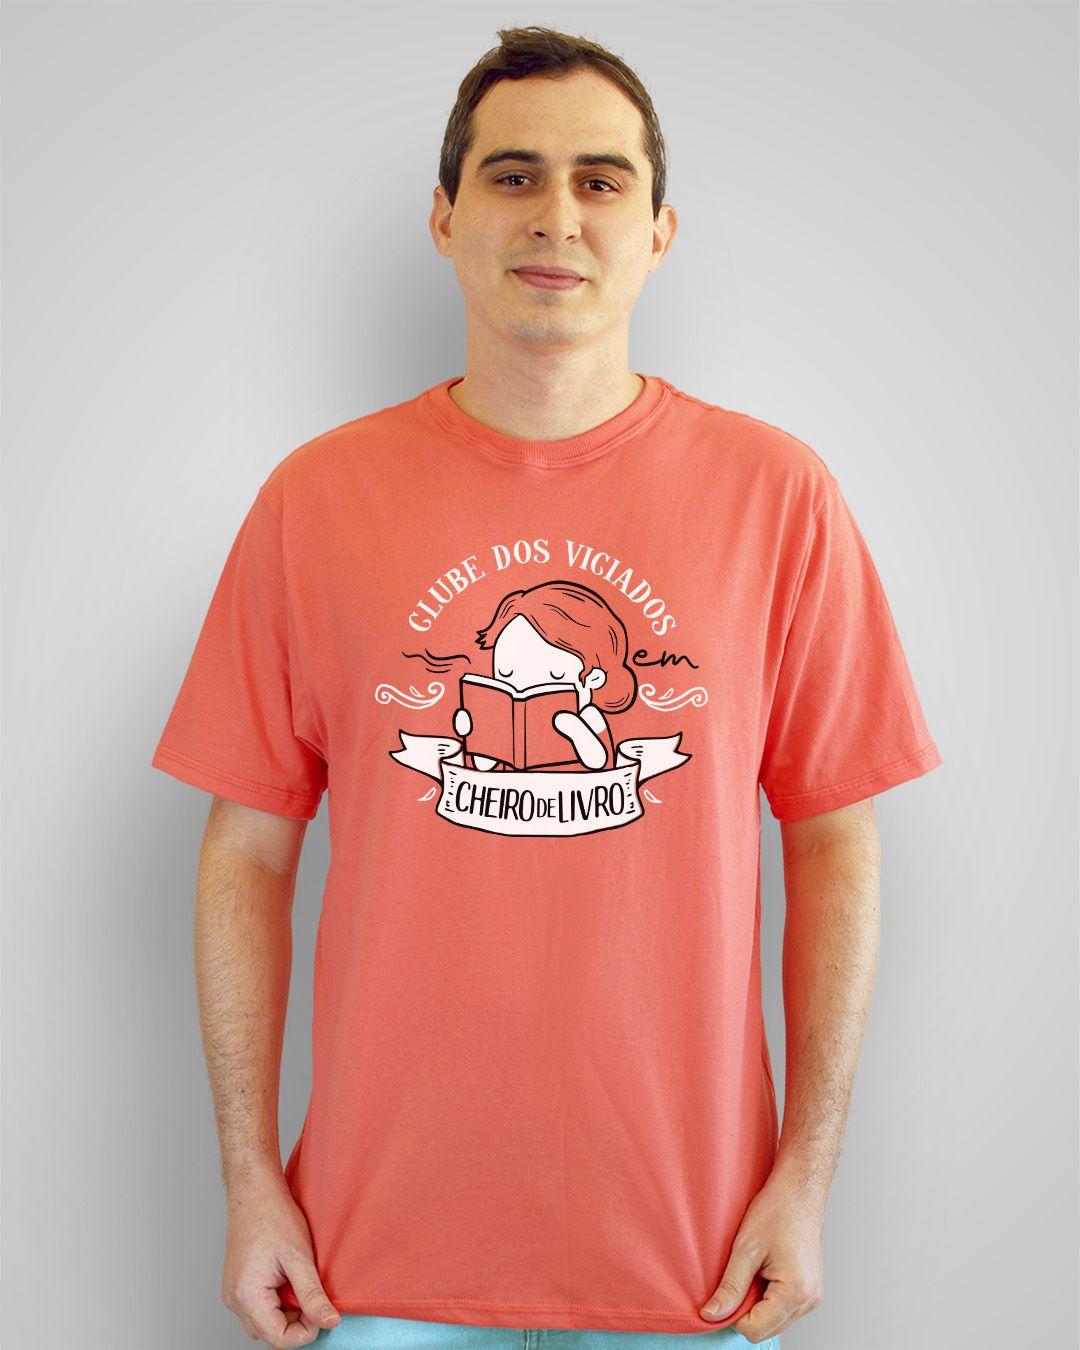 Camiseta Clube dos viciados em cheiro de livro